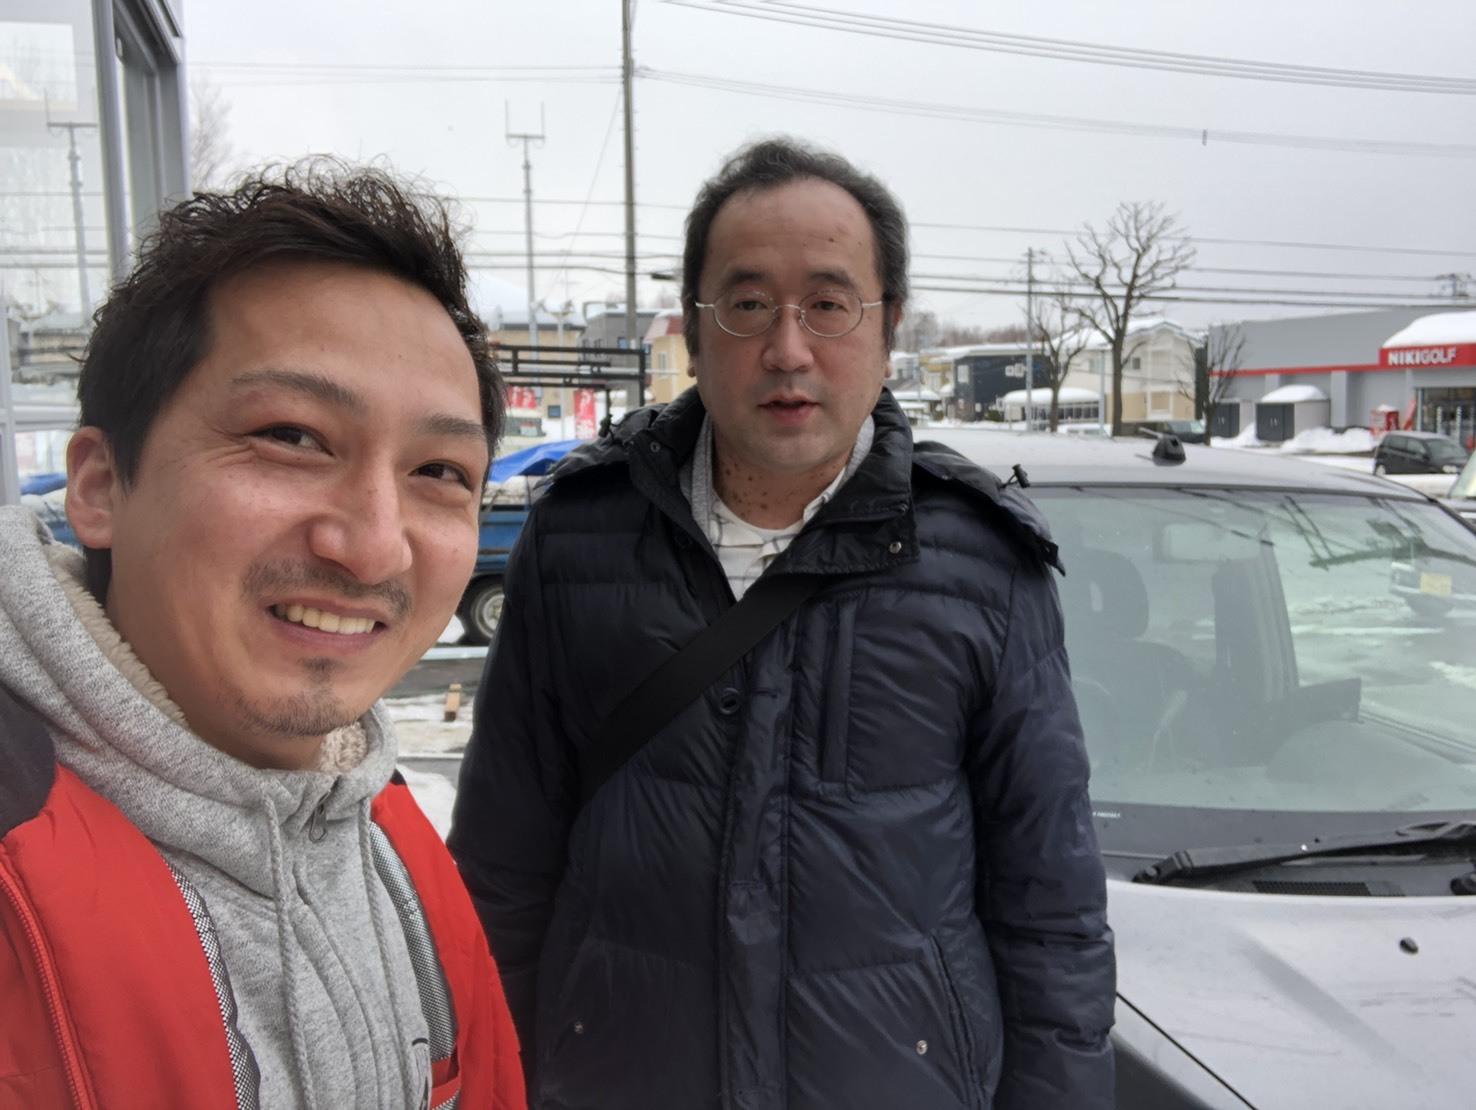 2月16日(土)☆ハイエースあります✊サクシードA様納車♡ ランクル レクサス ハマー TOMMY♡_b0127002_19243077.jpg